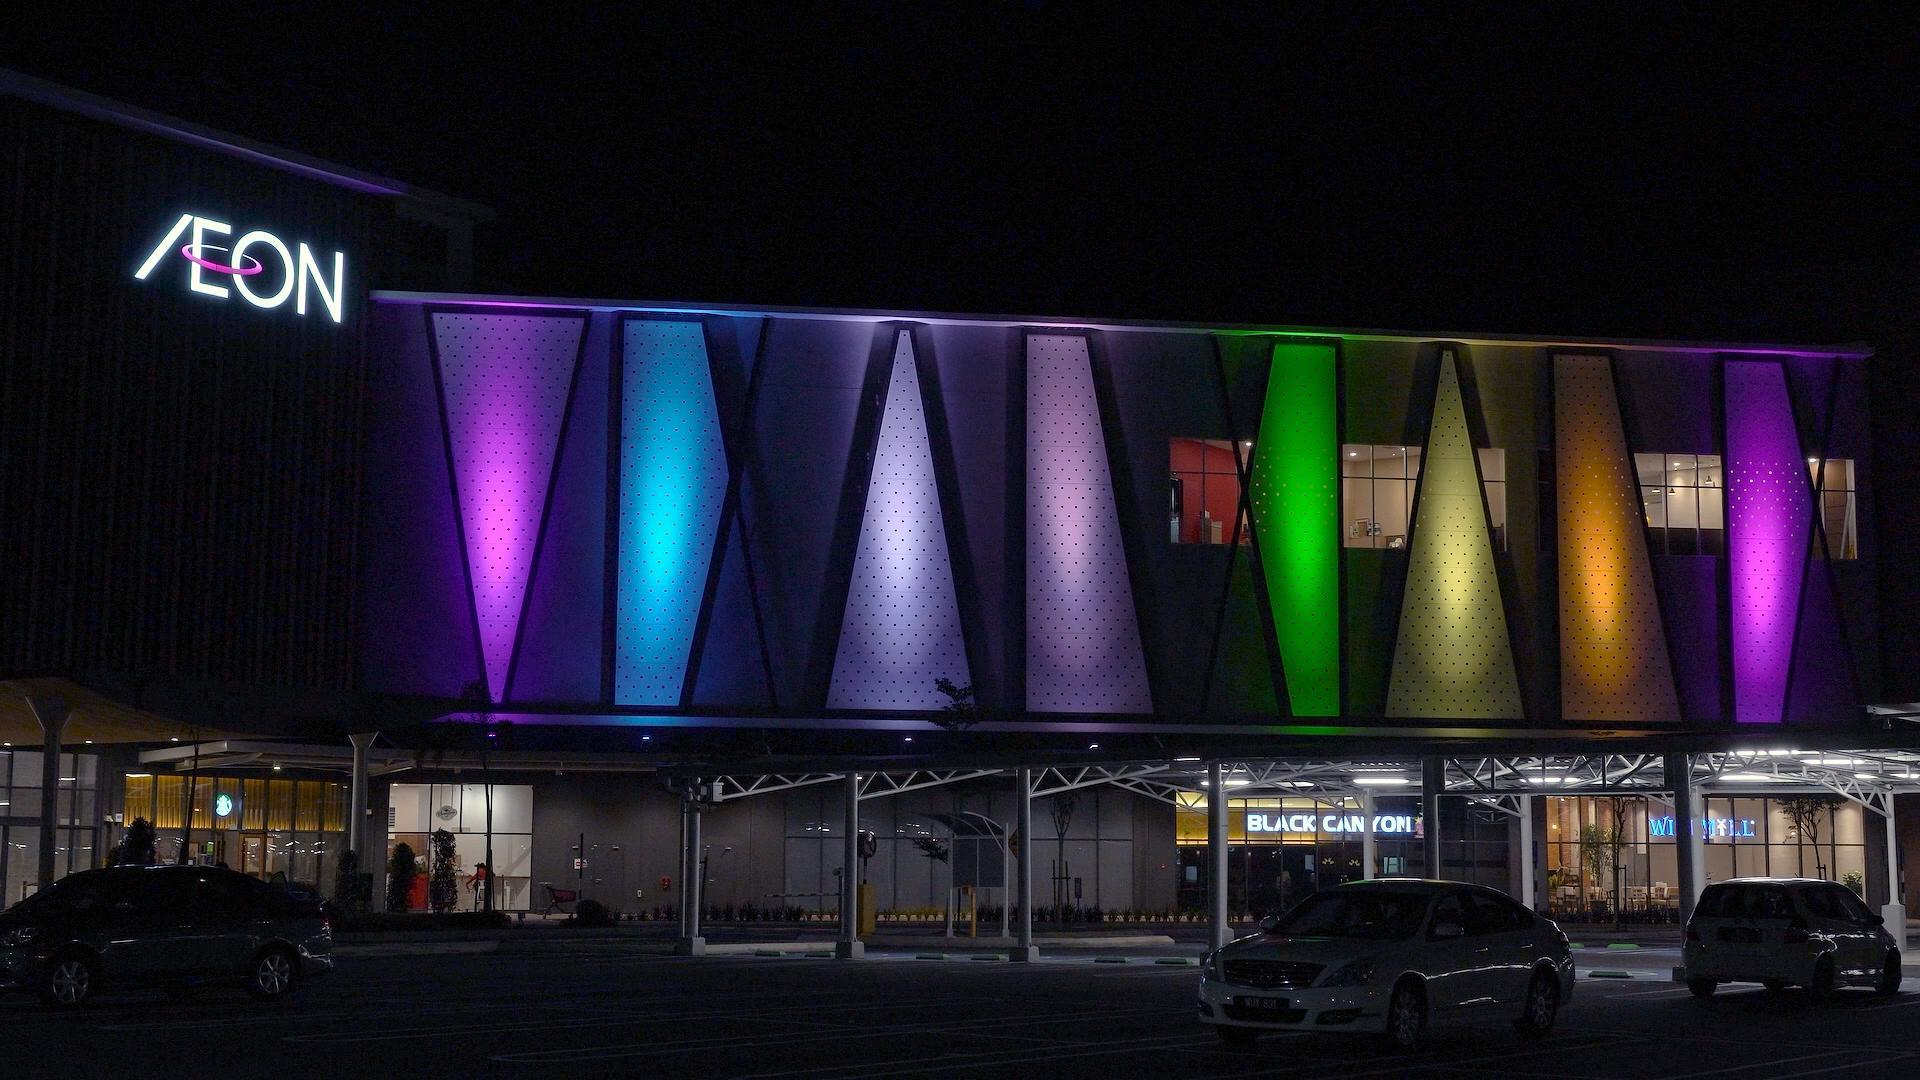 LEDフルカラー投光器で演出されたマレーシアの「イオンモール ニライ」